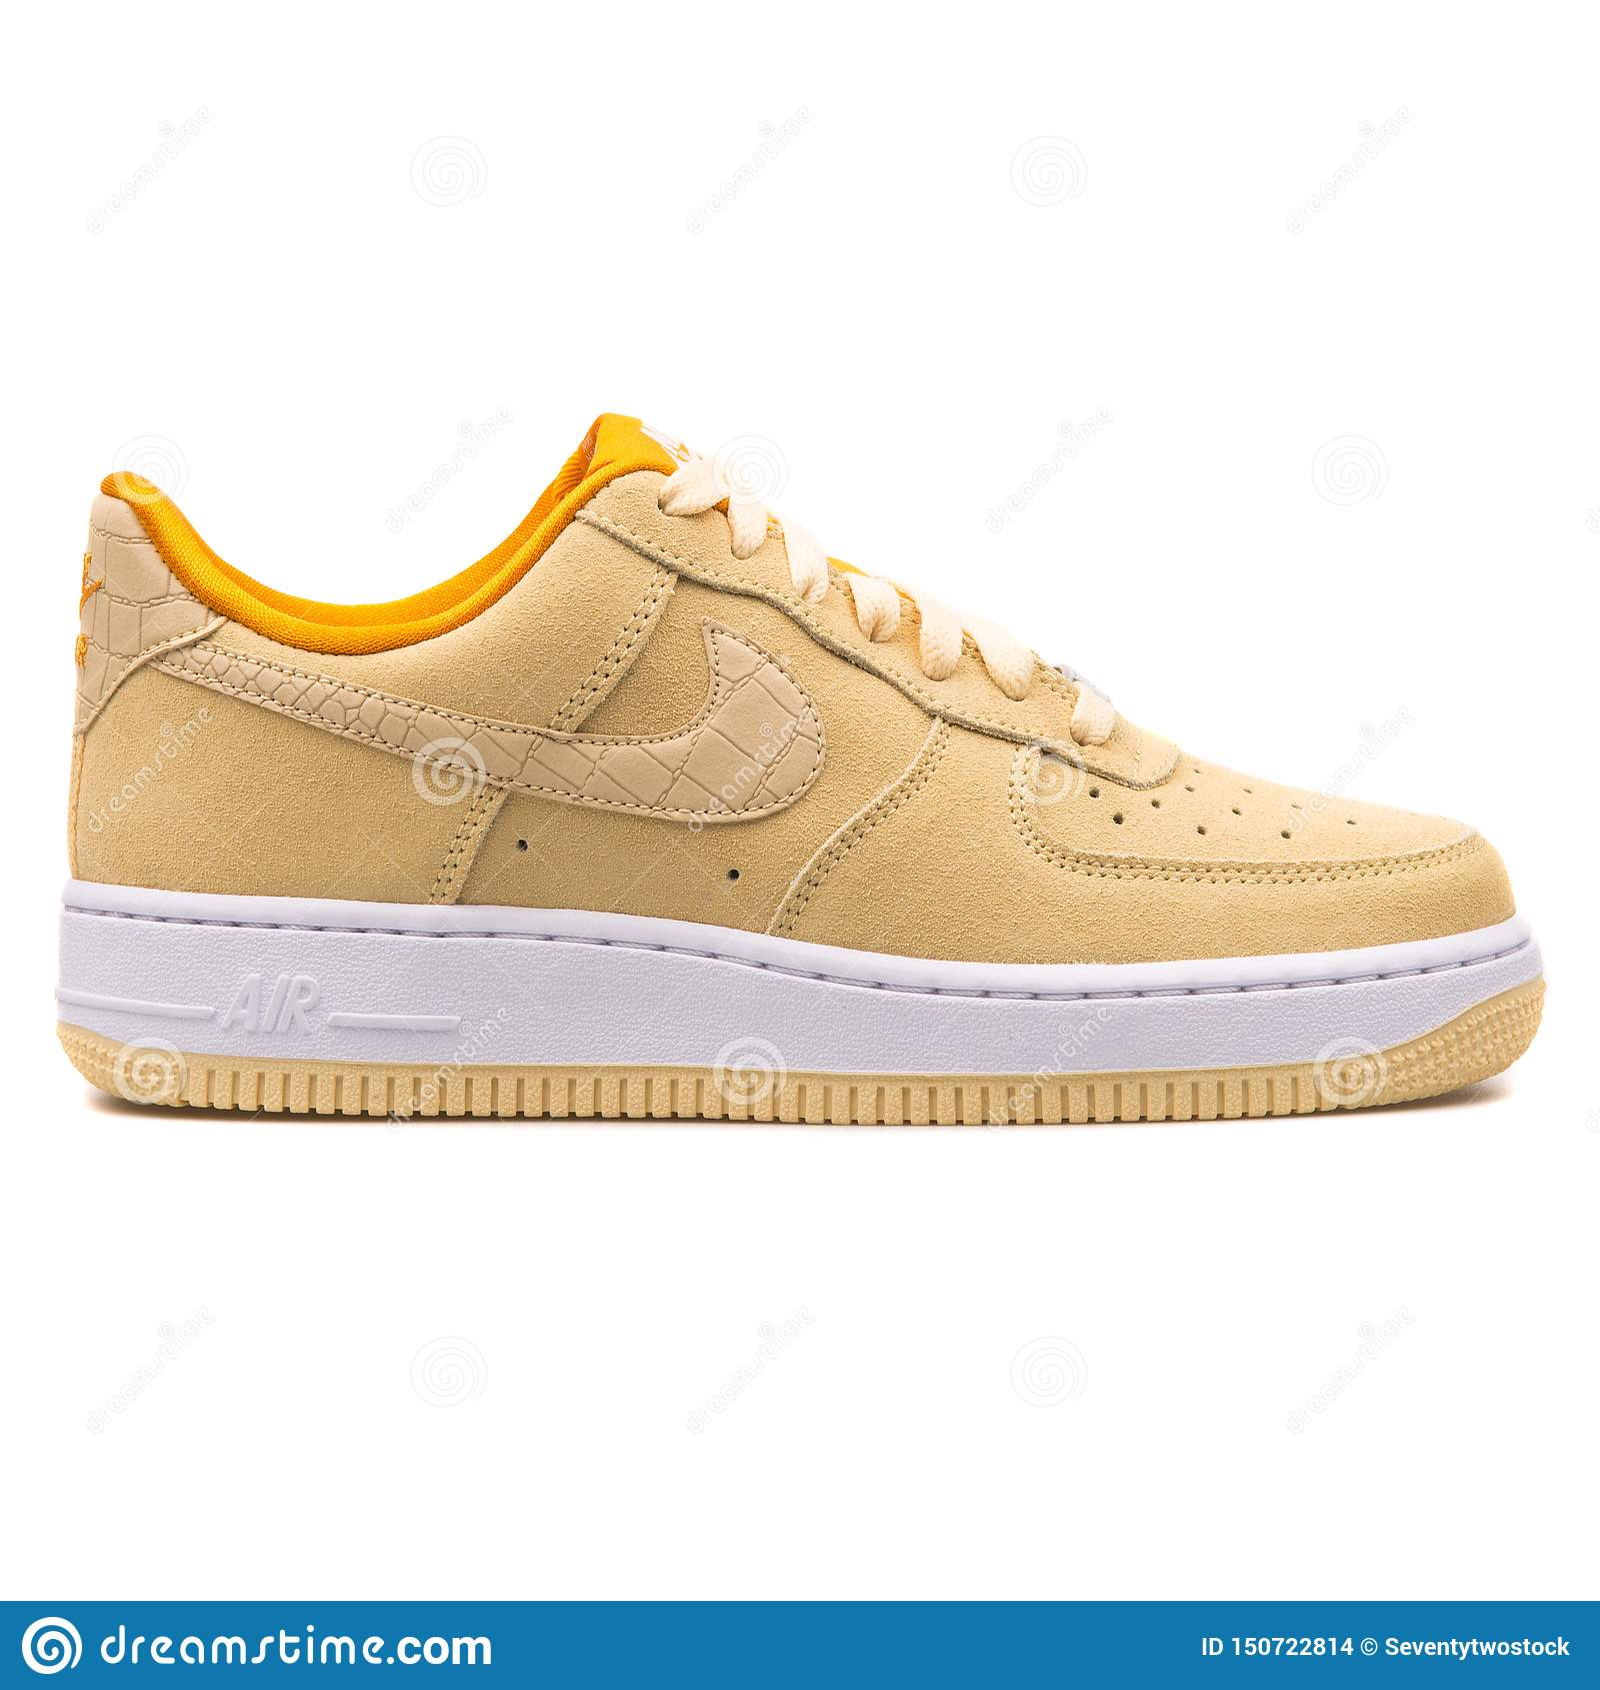 Nike Air Force 1 Zapatilla De Deporte Amarilla Limón